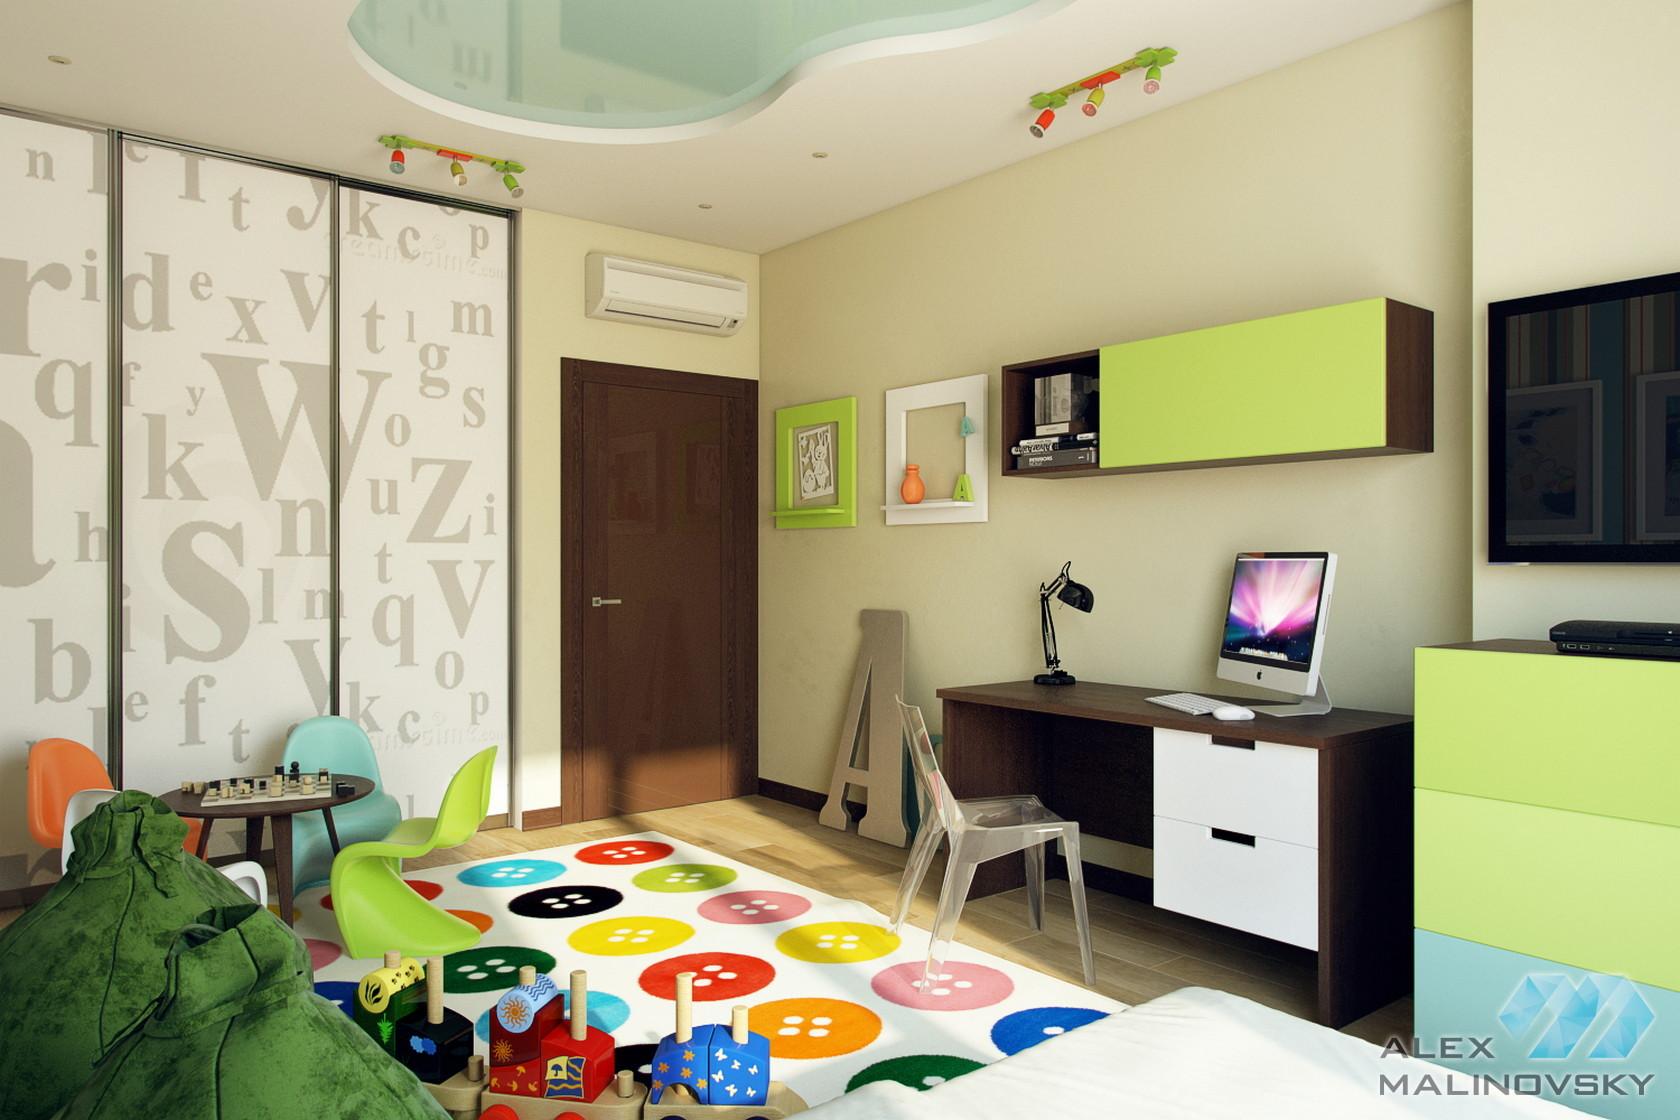 Детская, 4х комнатная квартира в Одинцово